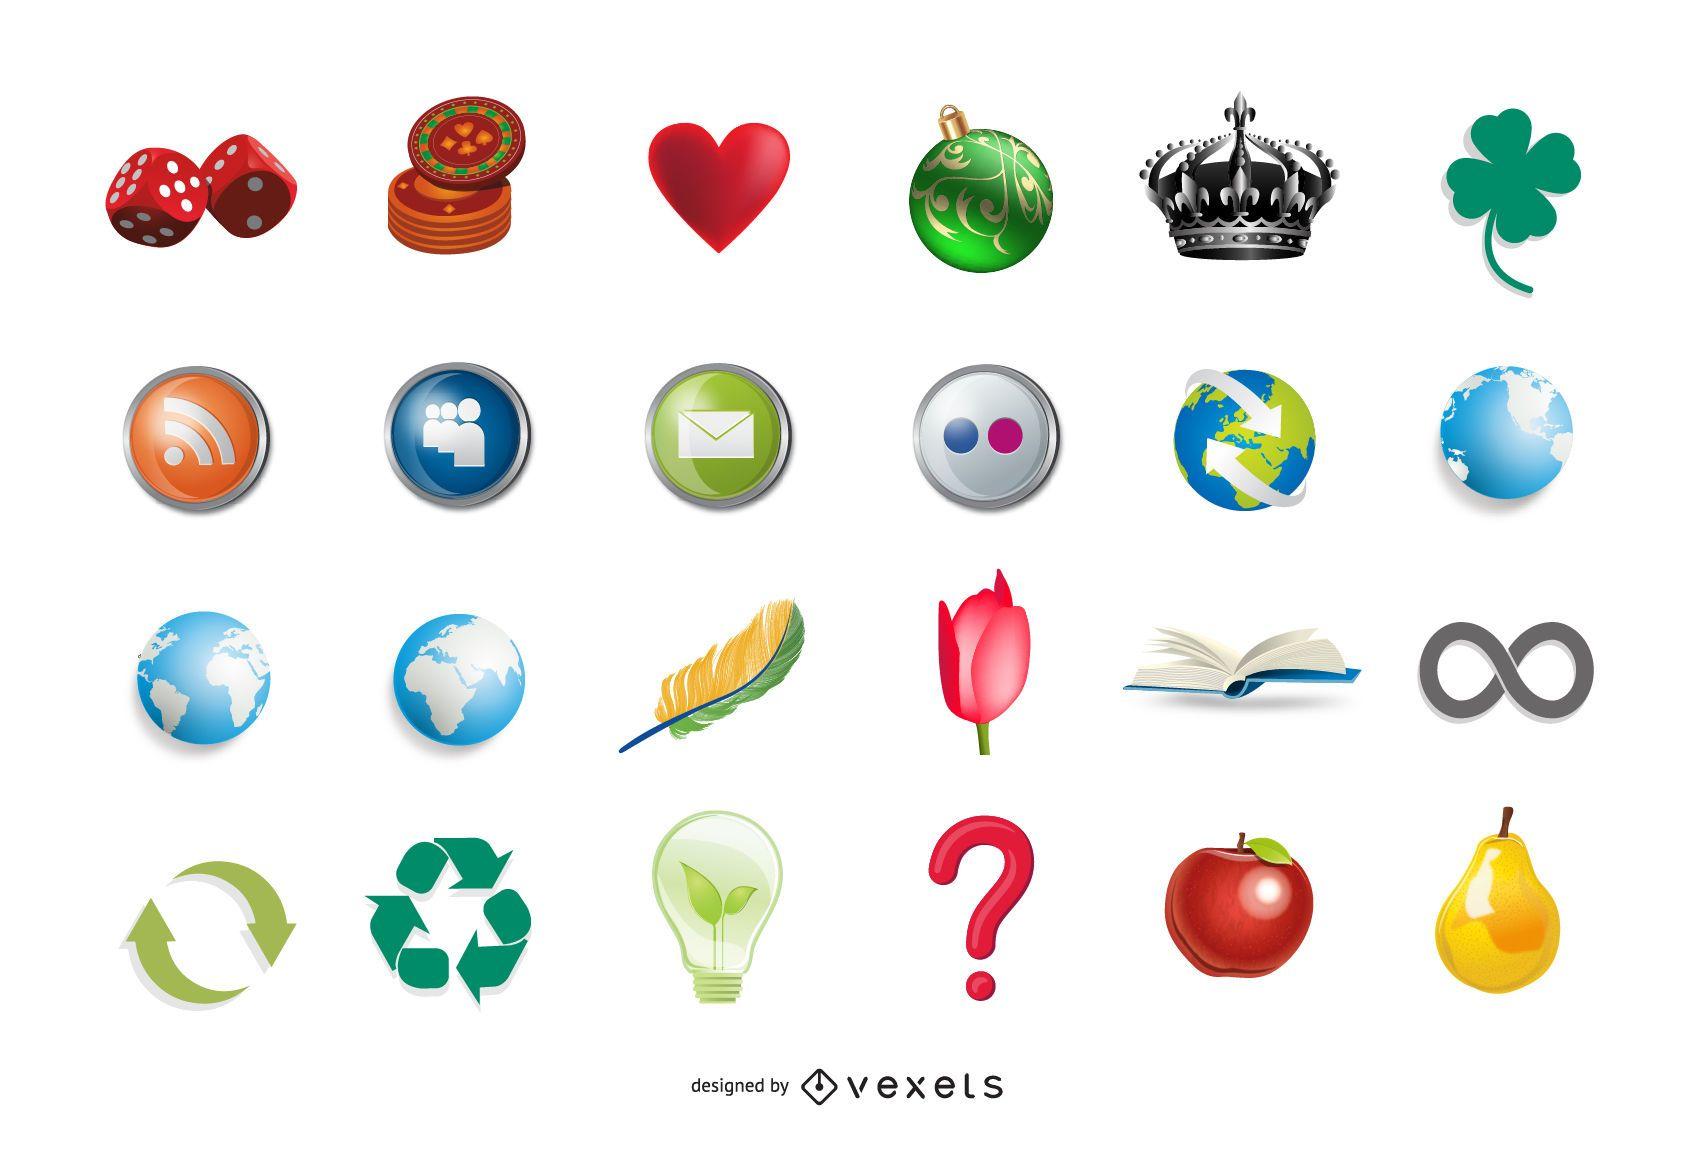 24 iconos vectoriales 3D hermosos y gratuitos